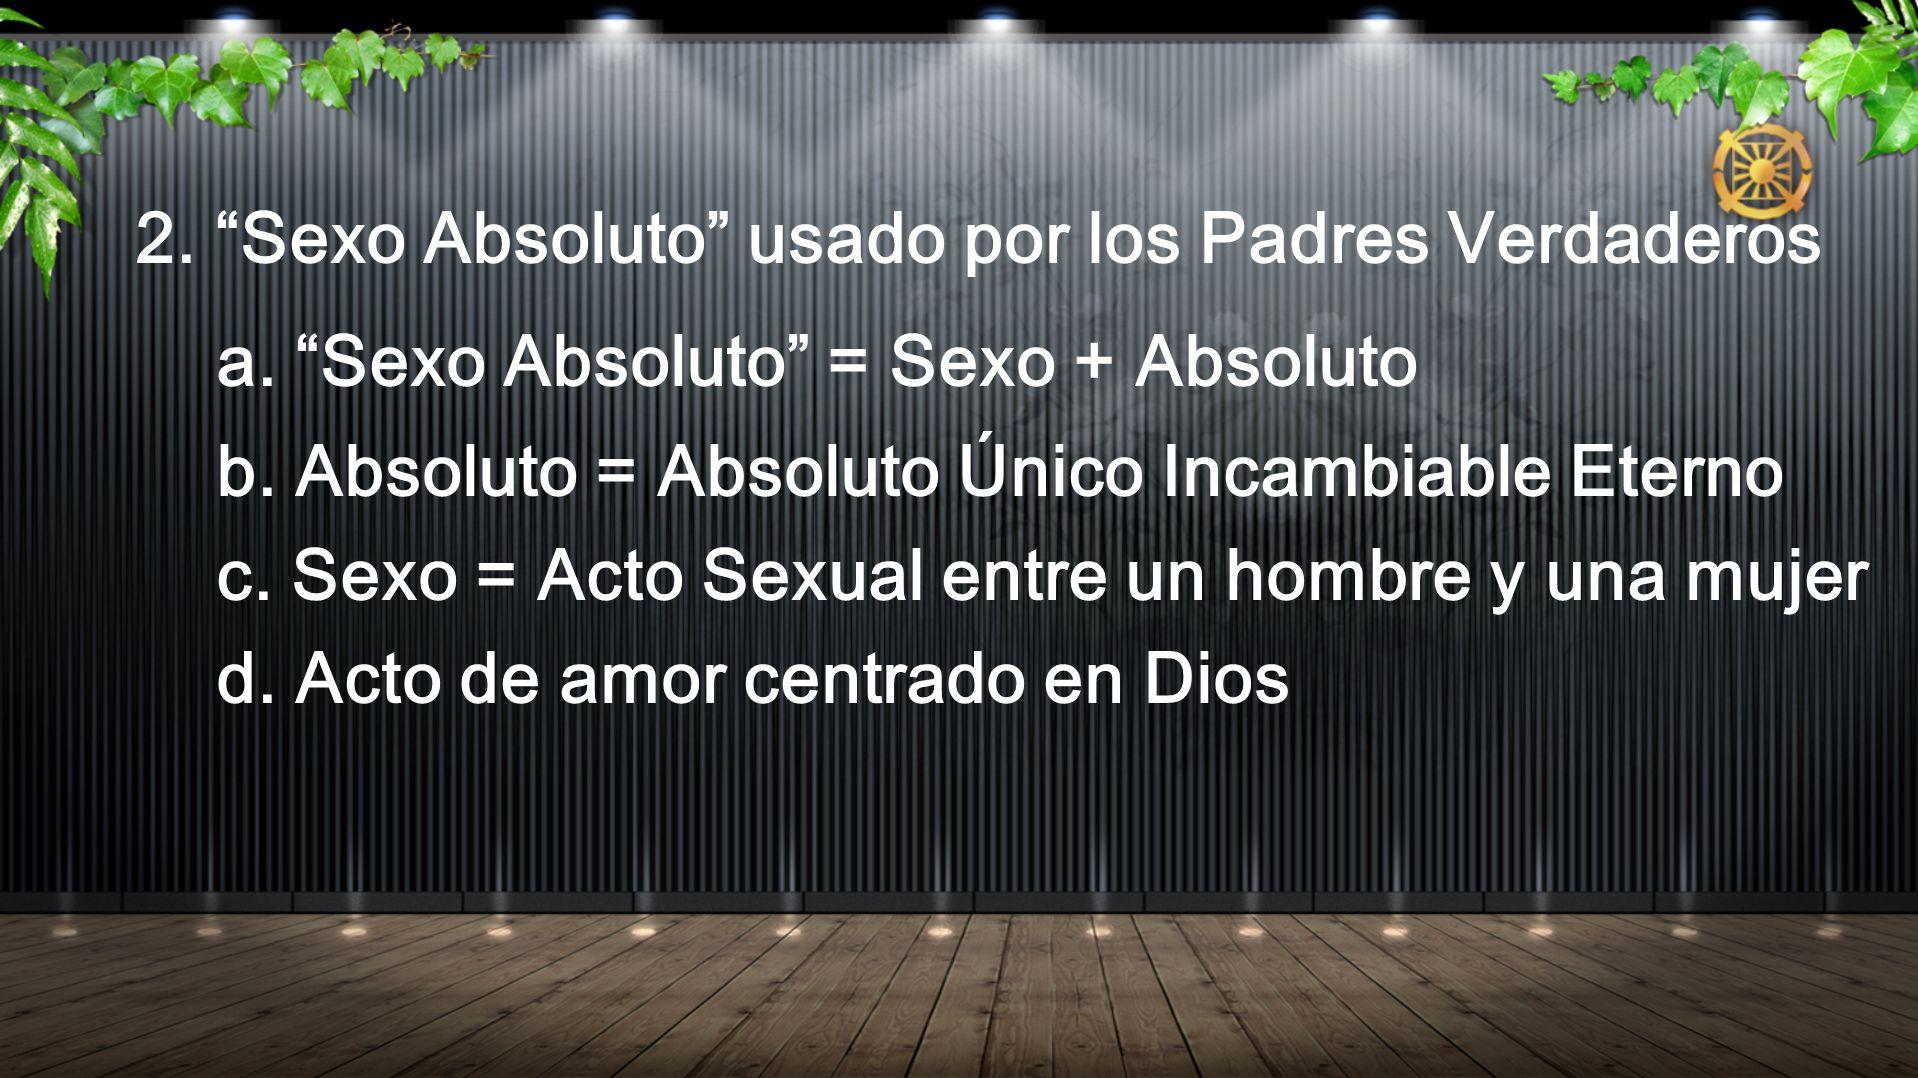 F.Cosas que se perdieron por la Caída (9/21/05) 1.